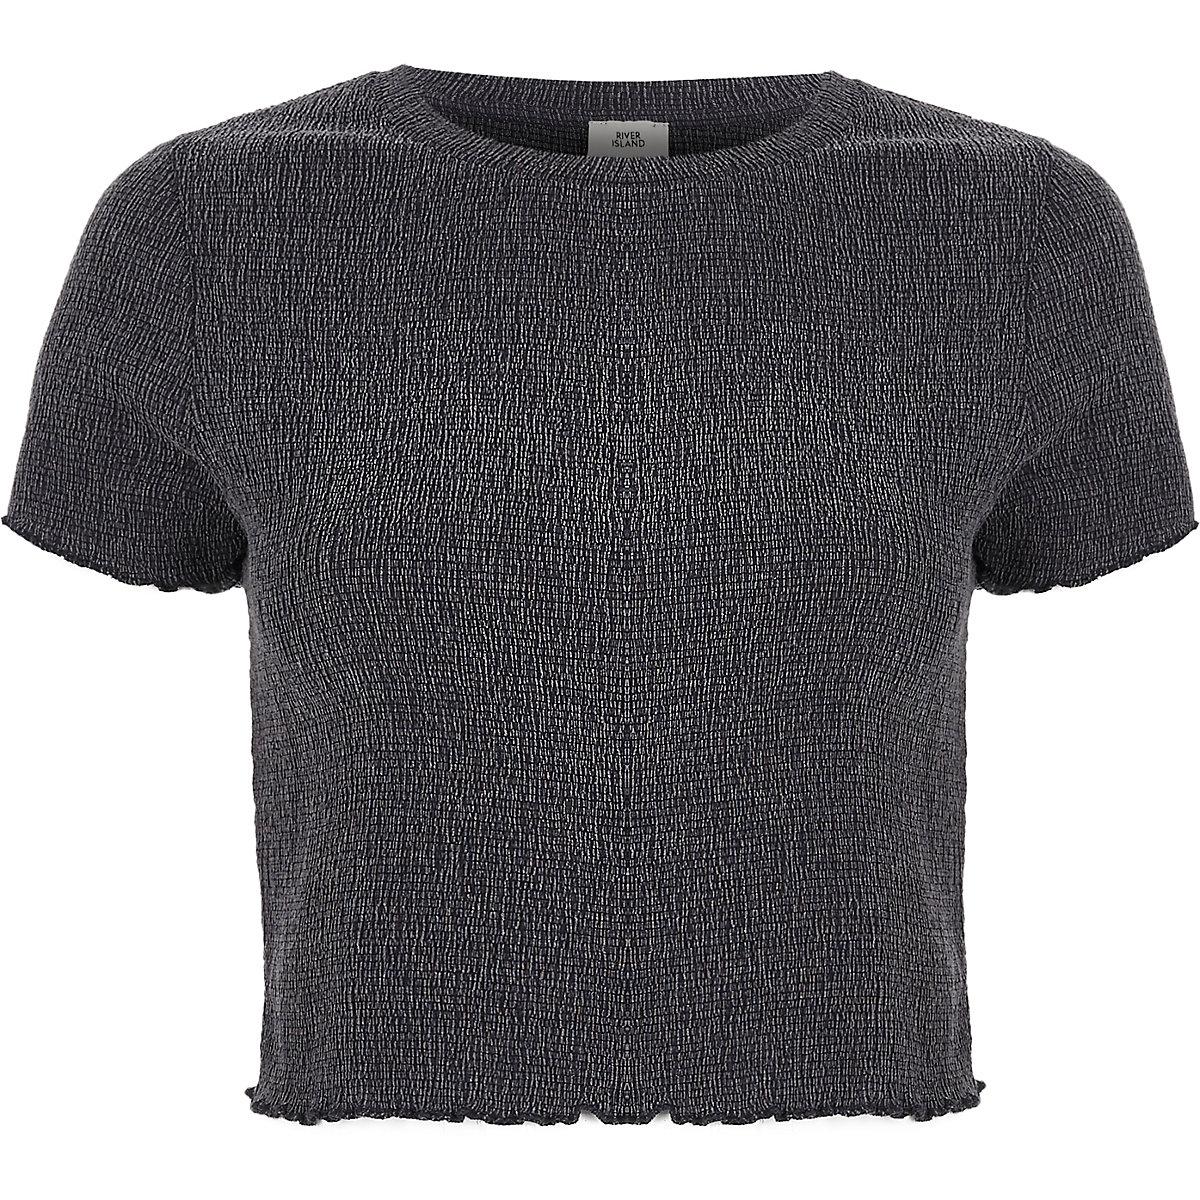 Grijs kort T-shirt met franje aan de zoom